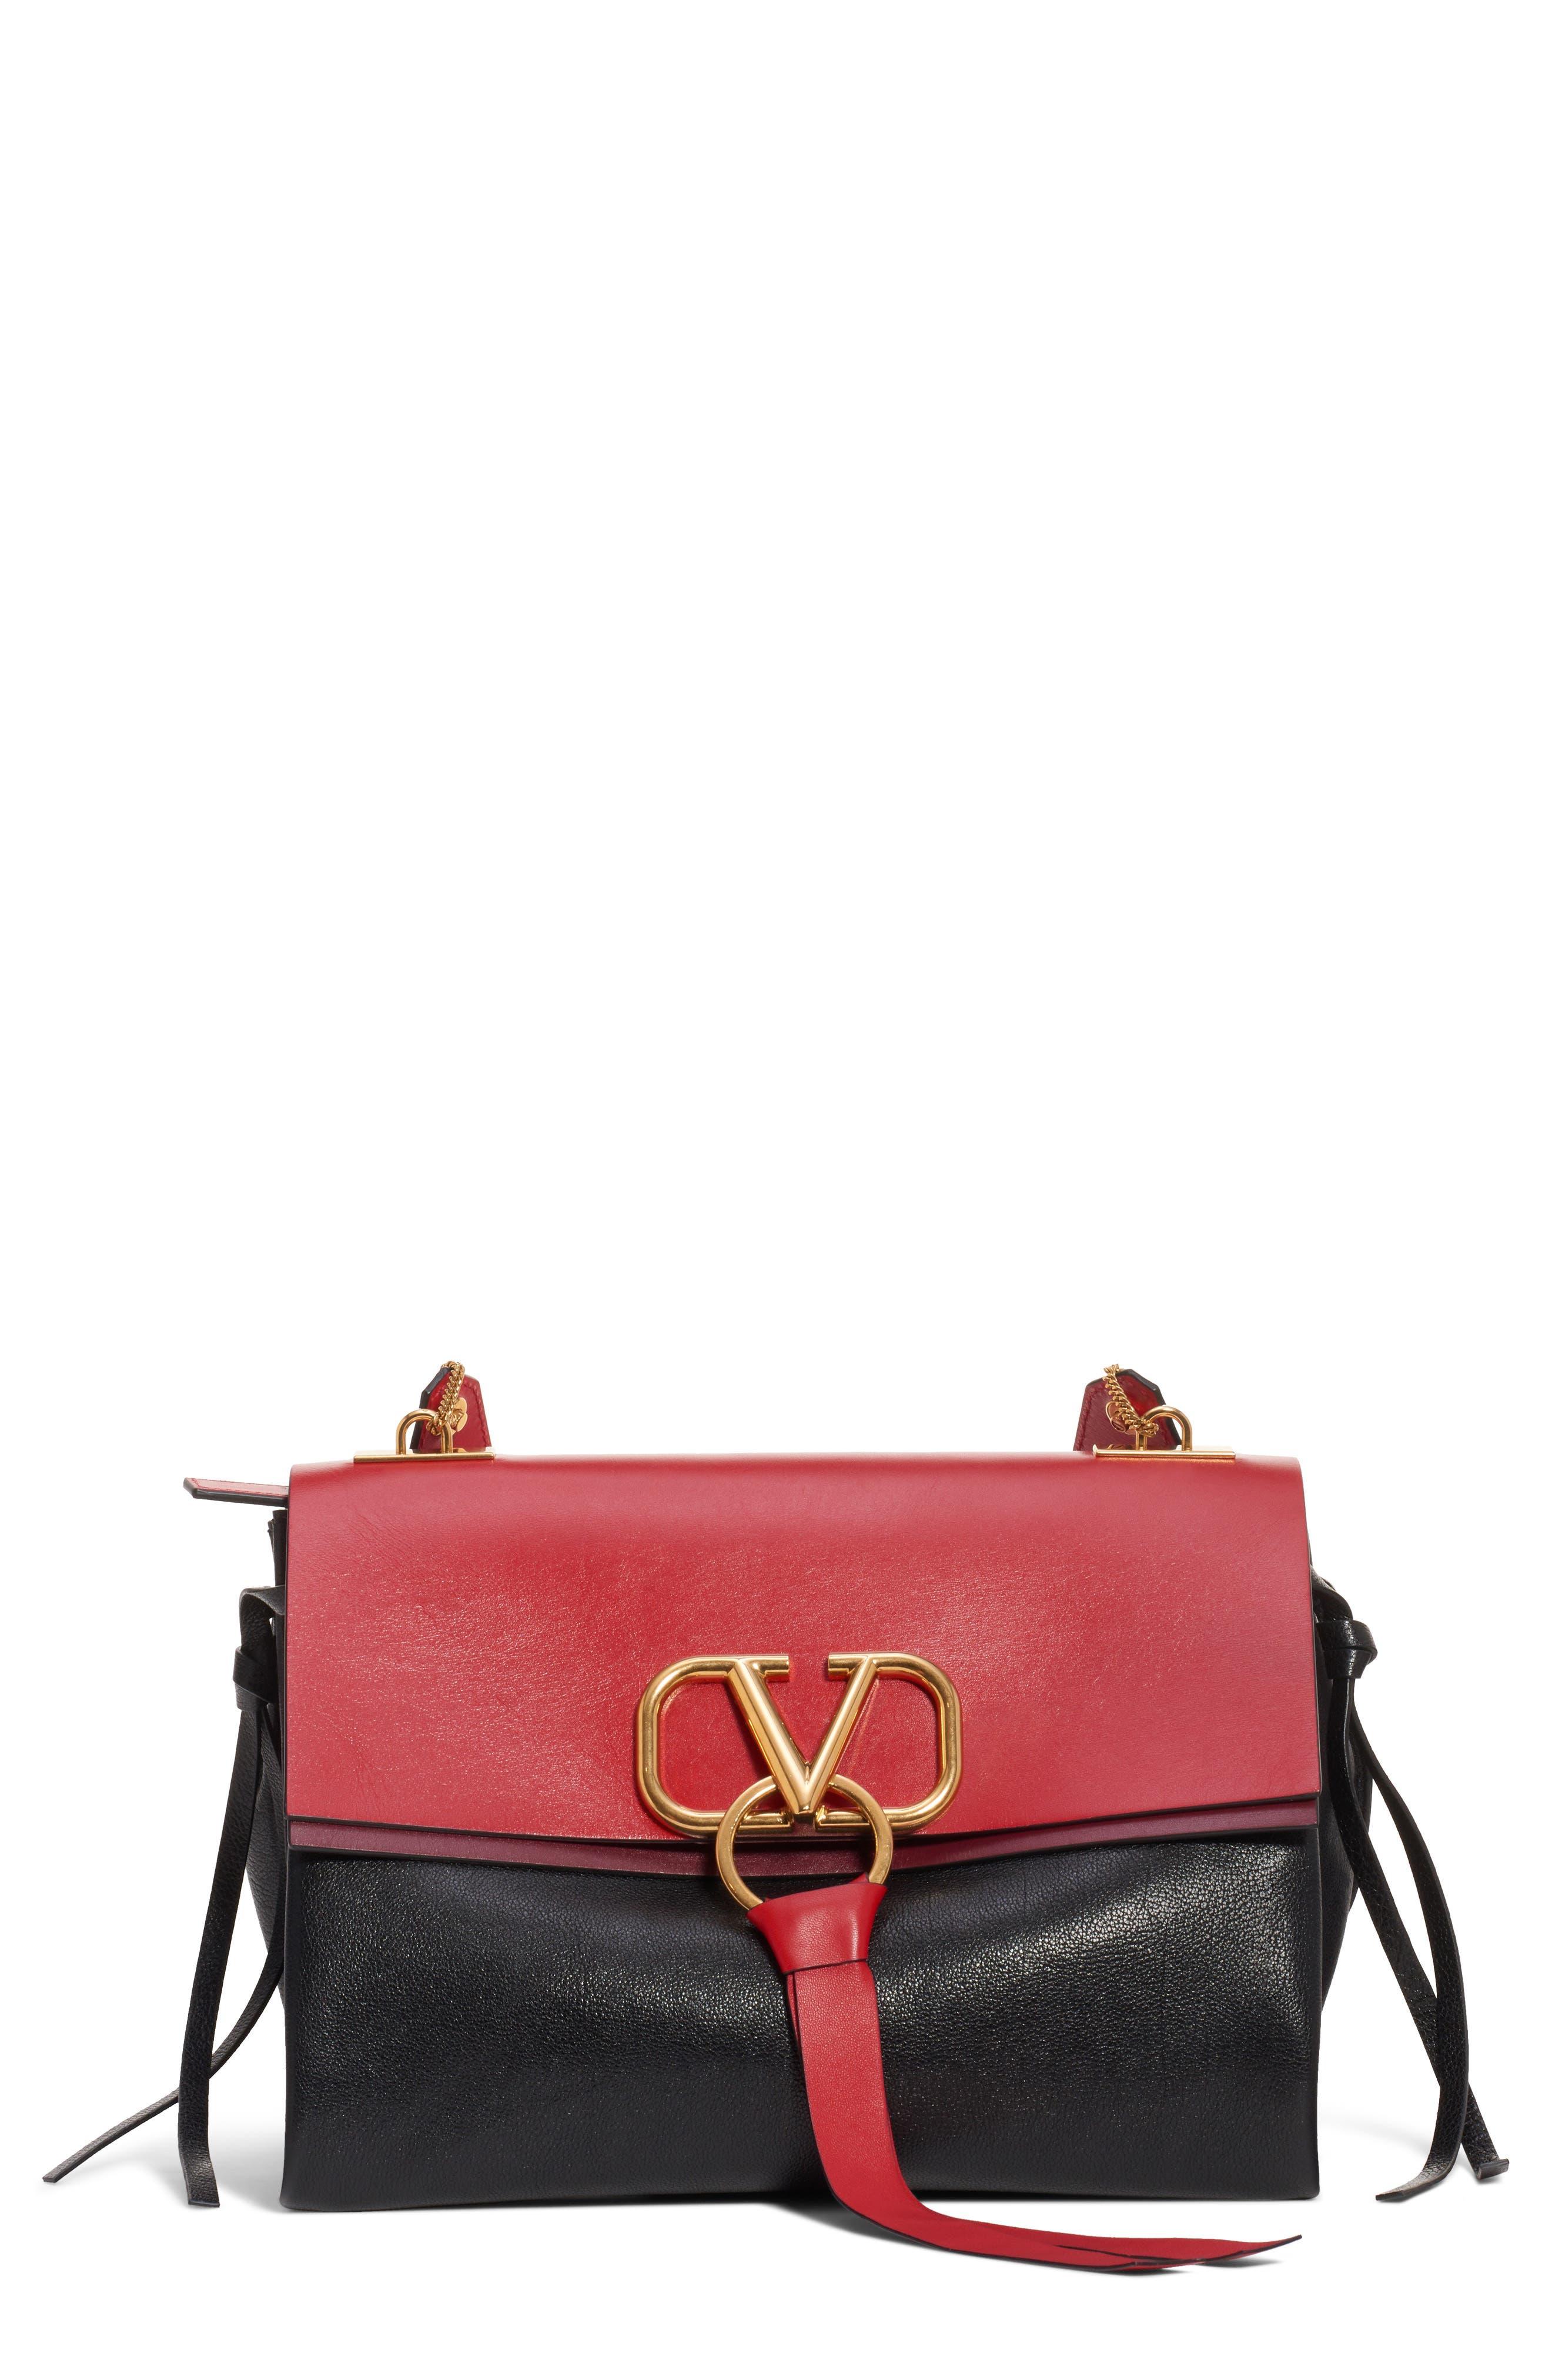 Medium V-Ring Leather Shoulder Bag, Main, color, ROUGE PUR-CERISE/ NERO